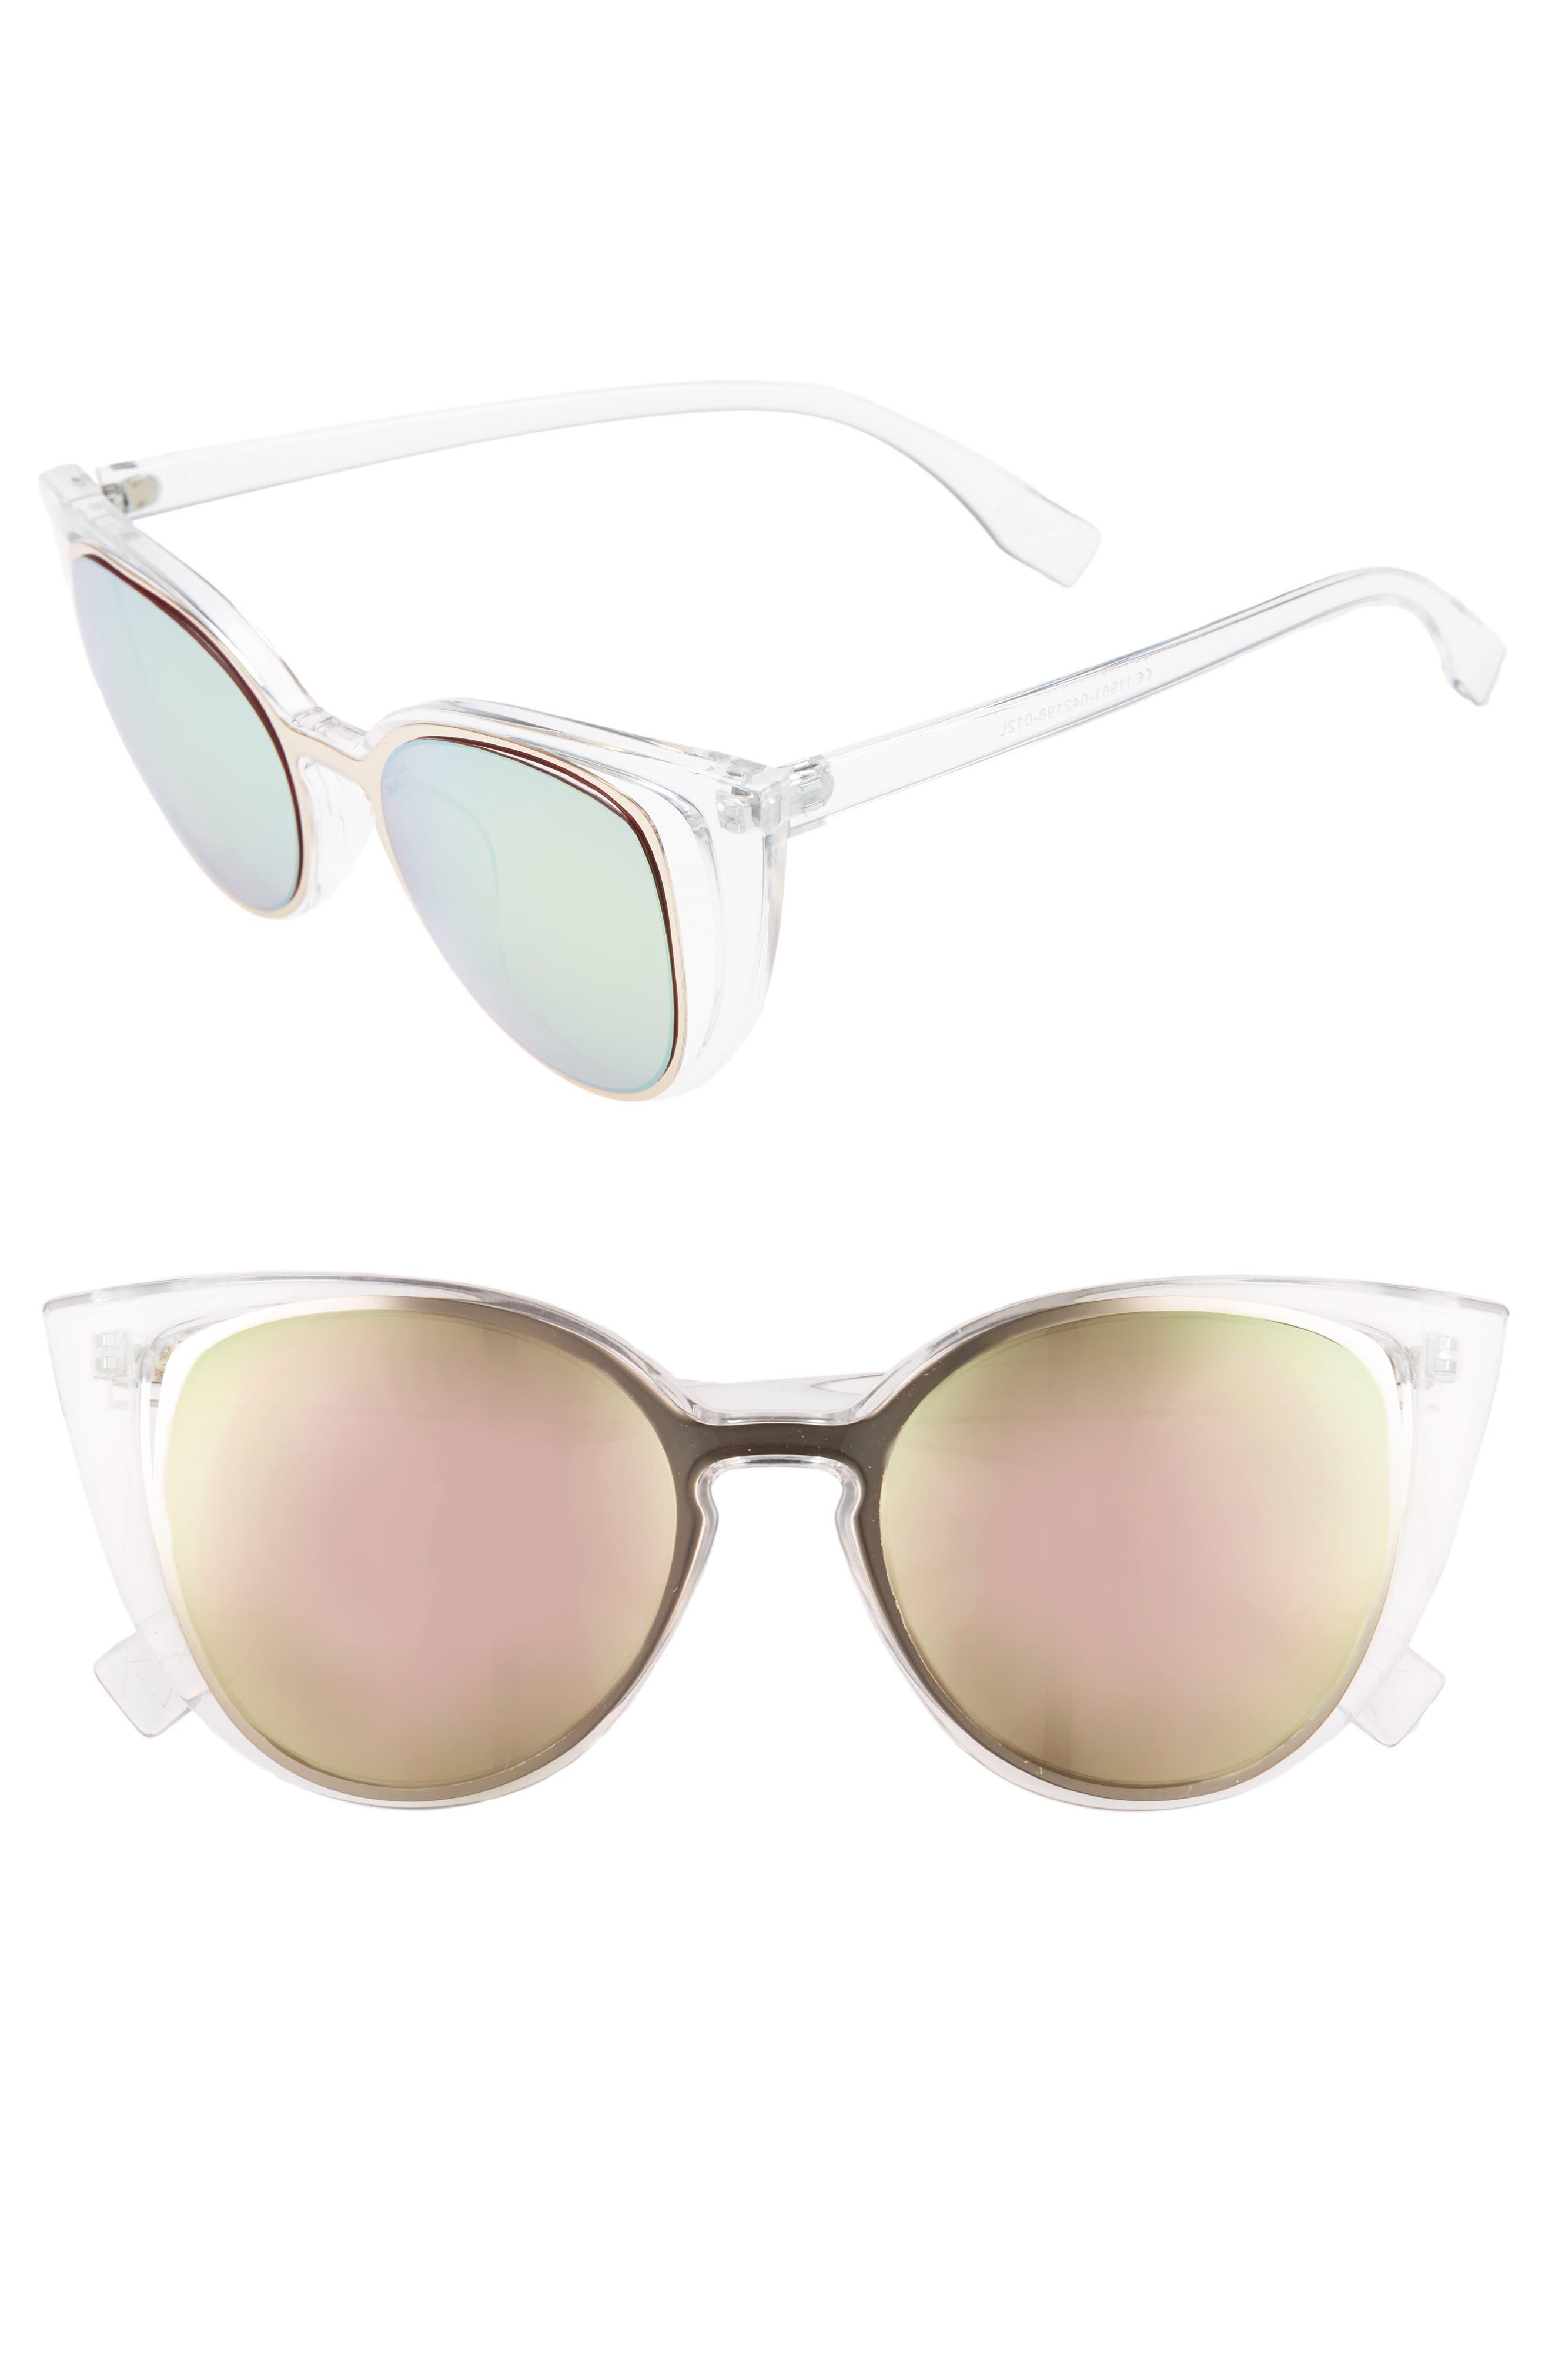 56mm Cutout Cat Eye Sunglasses,                             Main thumbnail 1, color,                             Clear/ Multi